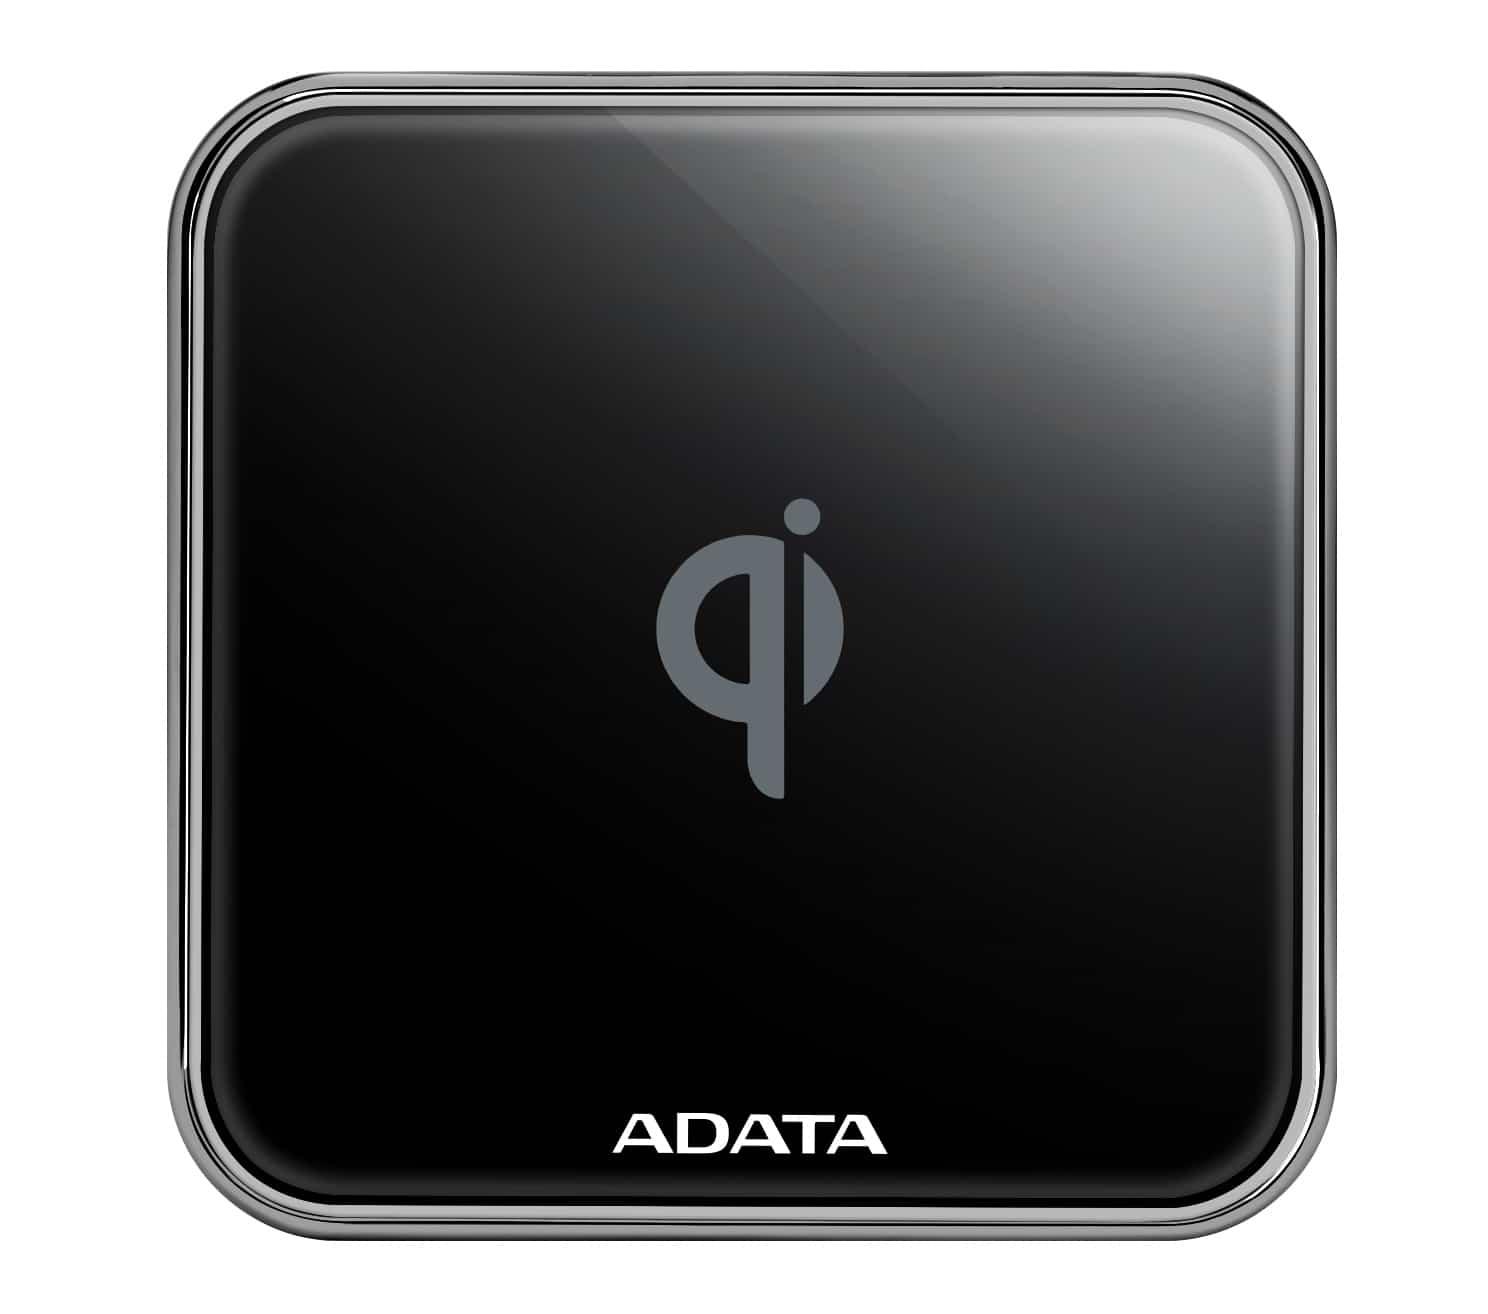 Китайская компания ADATA представила серию зарядных устройств нового поколения